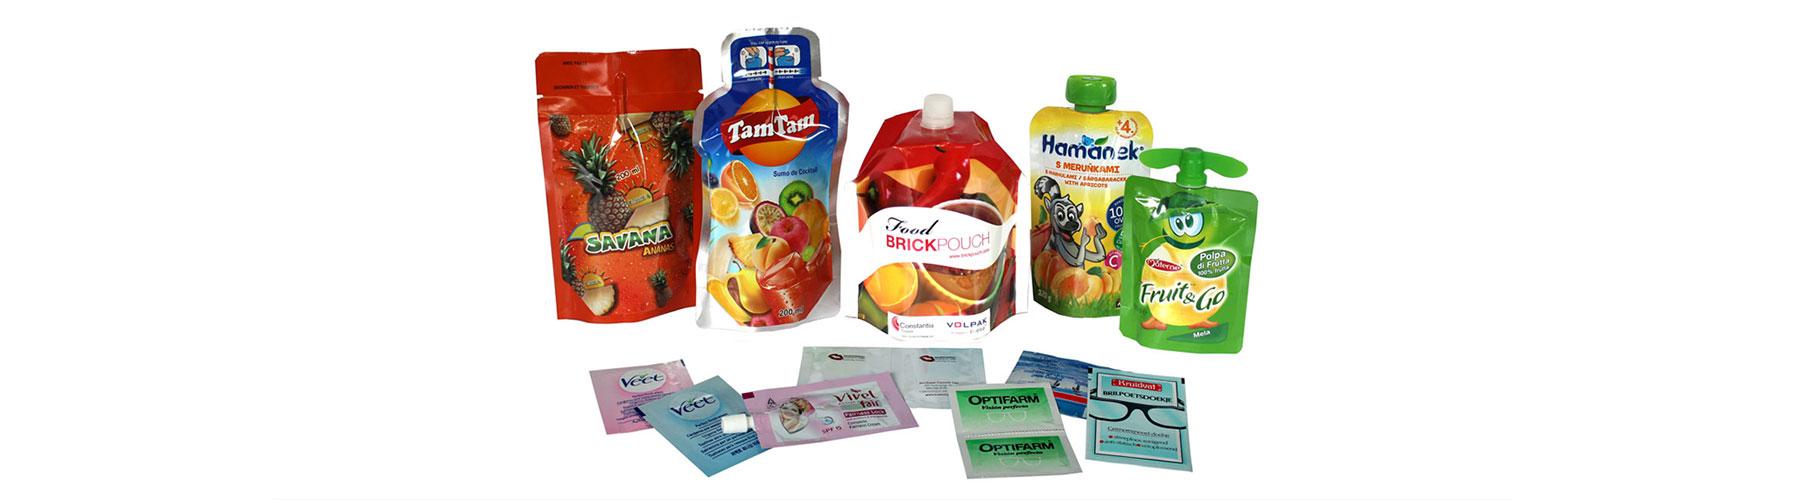 Verpackungen - gemacht mit Schlauchbeutelmaschinen